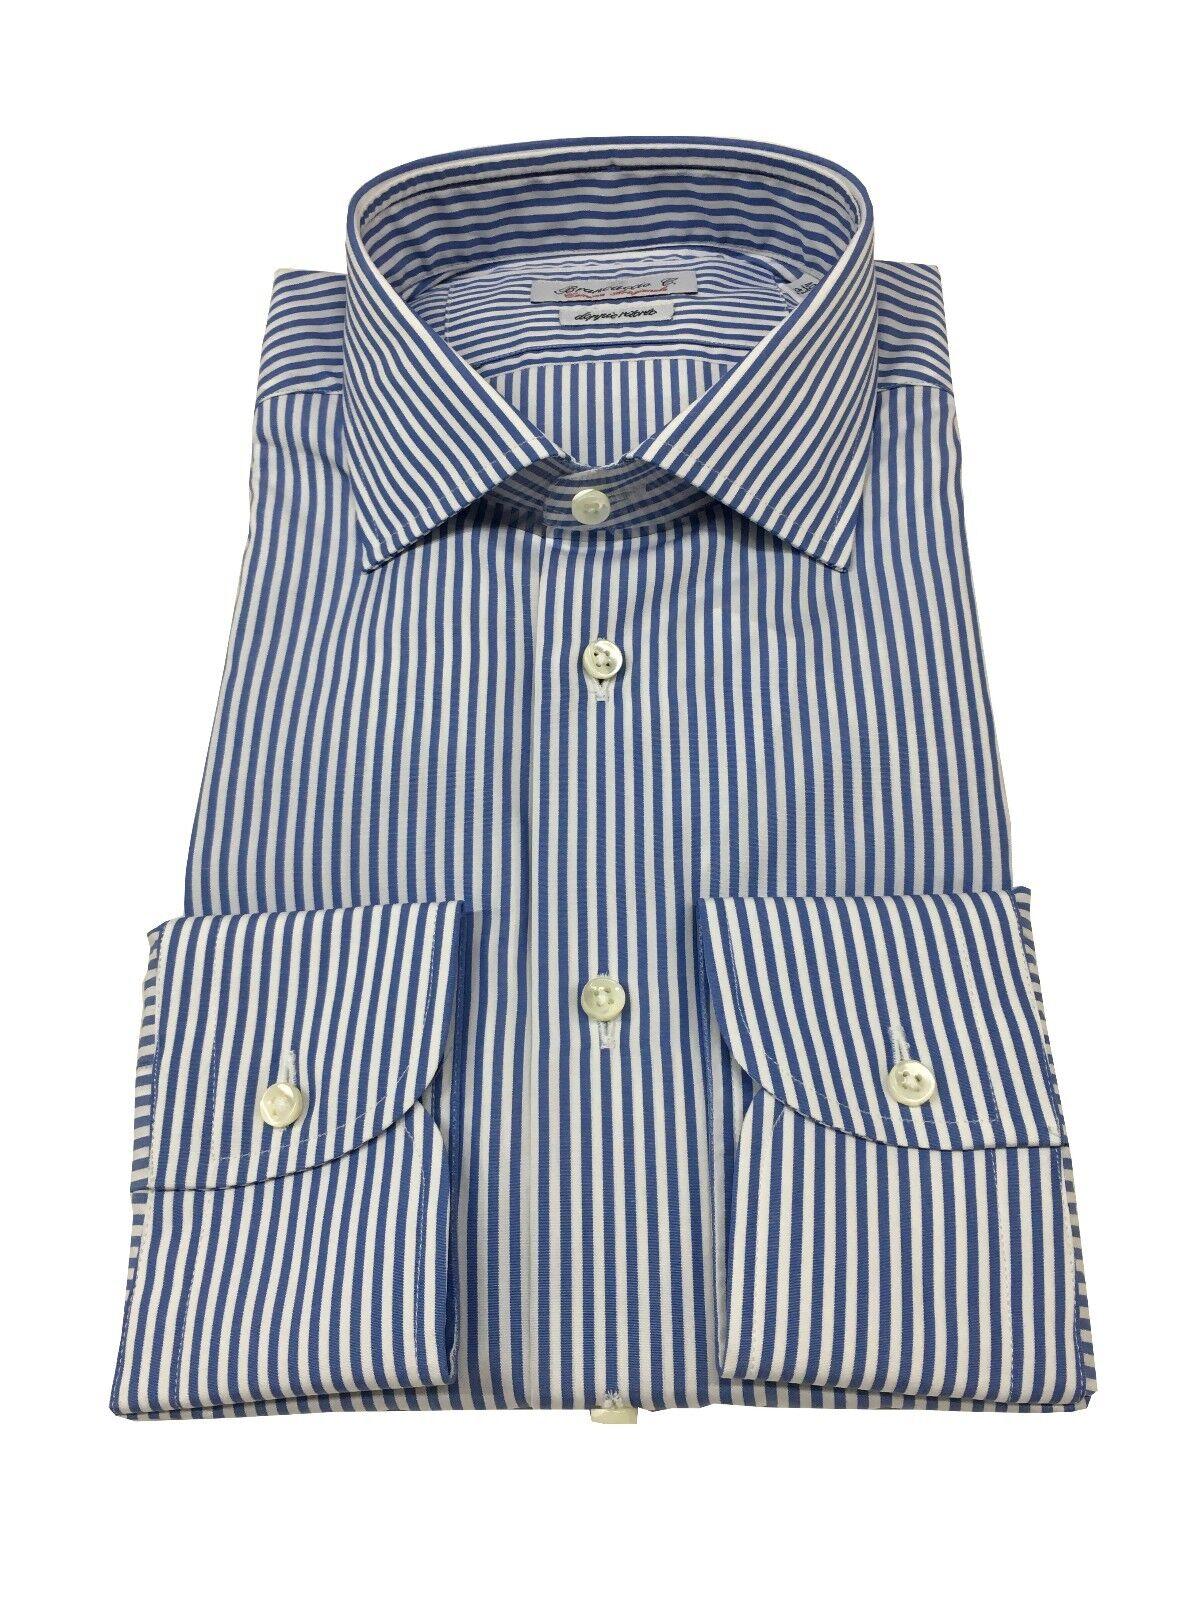 BRANCACCIO camicia uomo righe bianco azzurro 100%cotone DOPPIO RITORTO slim